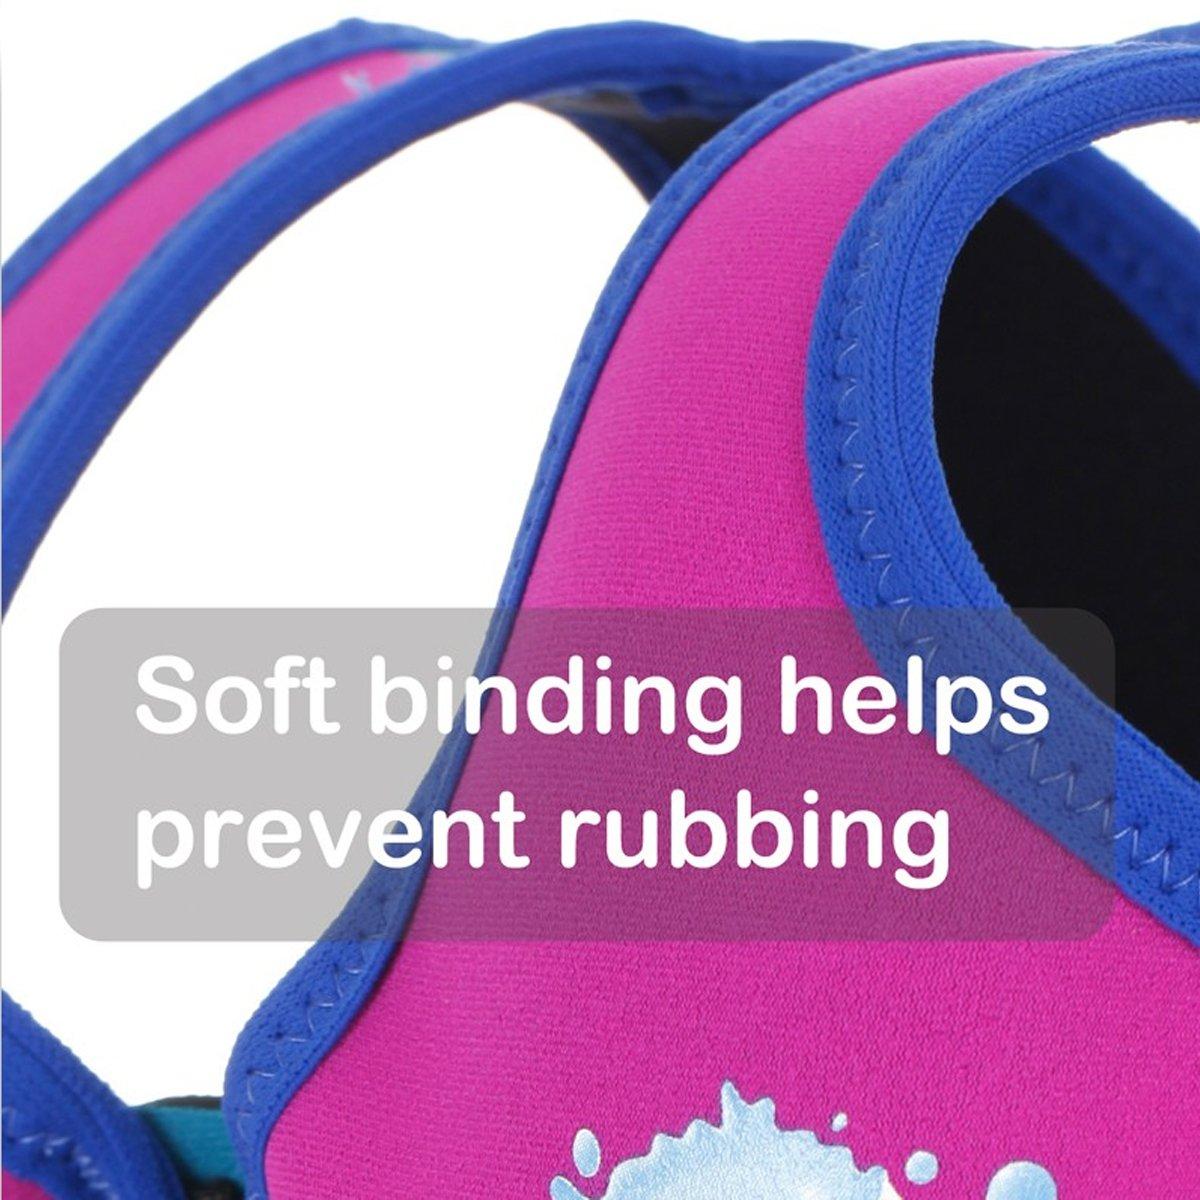 Taille Fabricant : 1-3 ans S Splash About BJL1 Gilet de flottaison Enfant Vert Fluo et Bleu FR